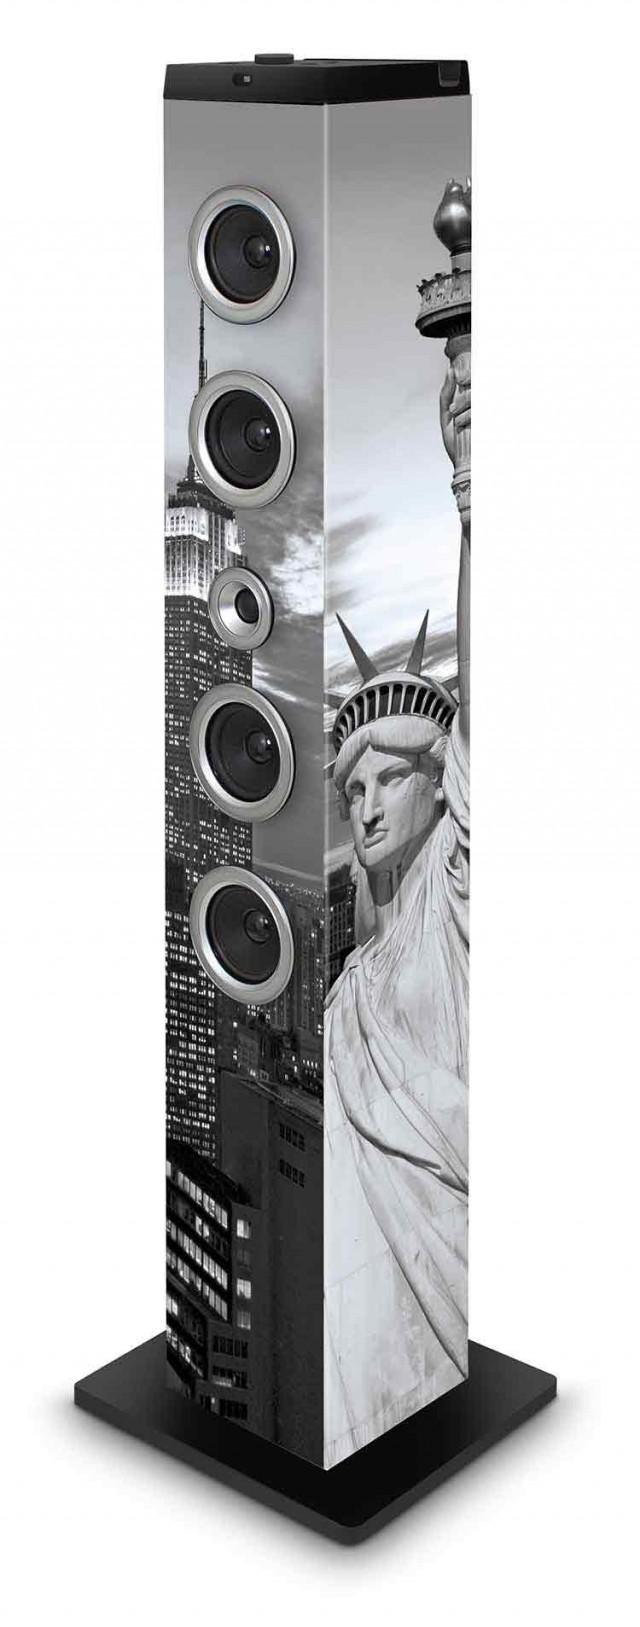 Tour Multimédia Liberty - Packshot